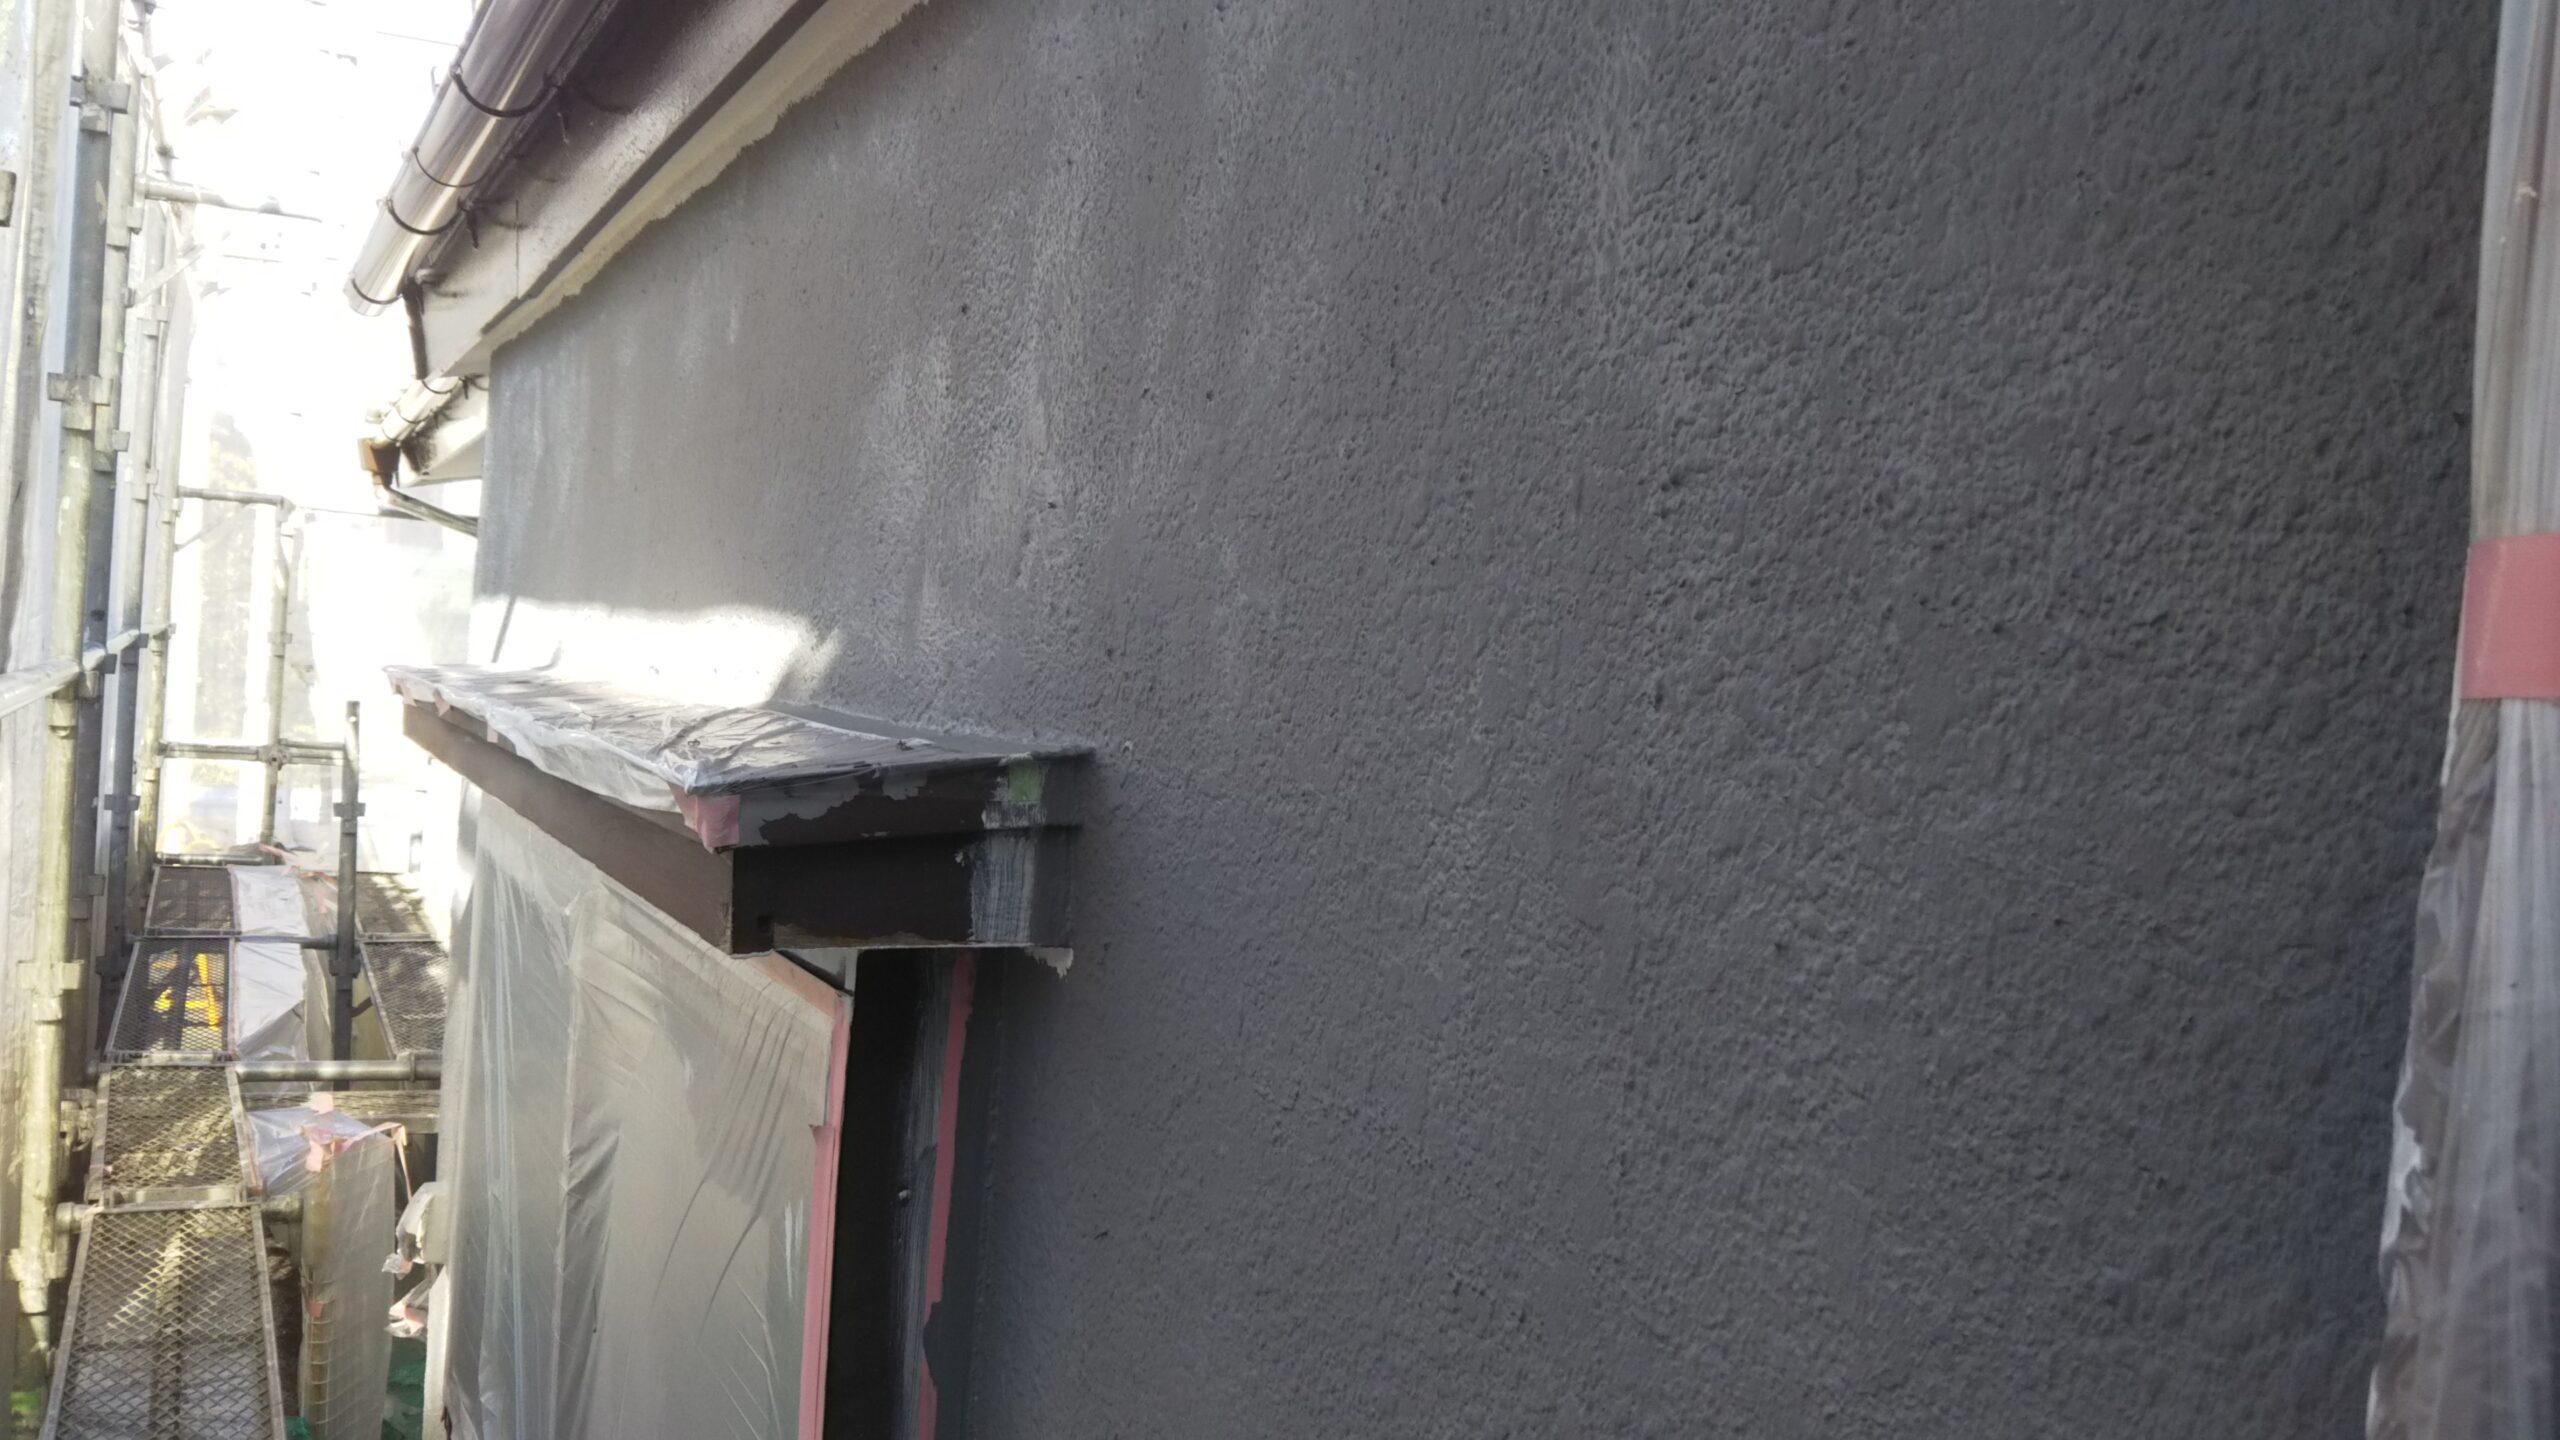 埼玉県さいたま市岩槻区のN様邸(木造2階建て)にて塗り替えリフォーム中